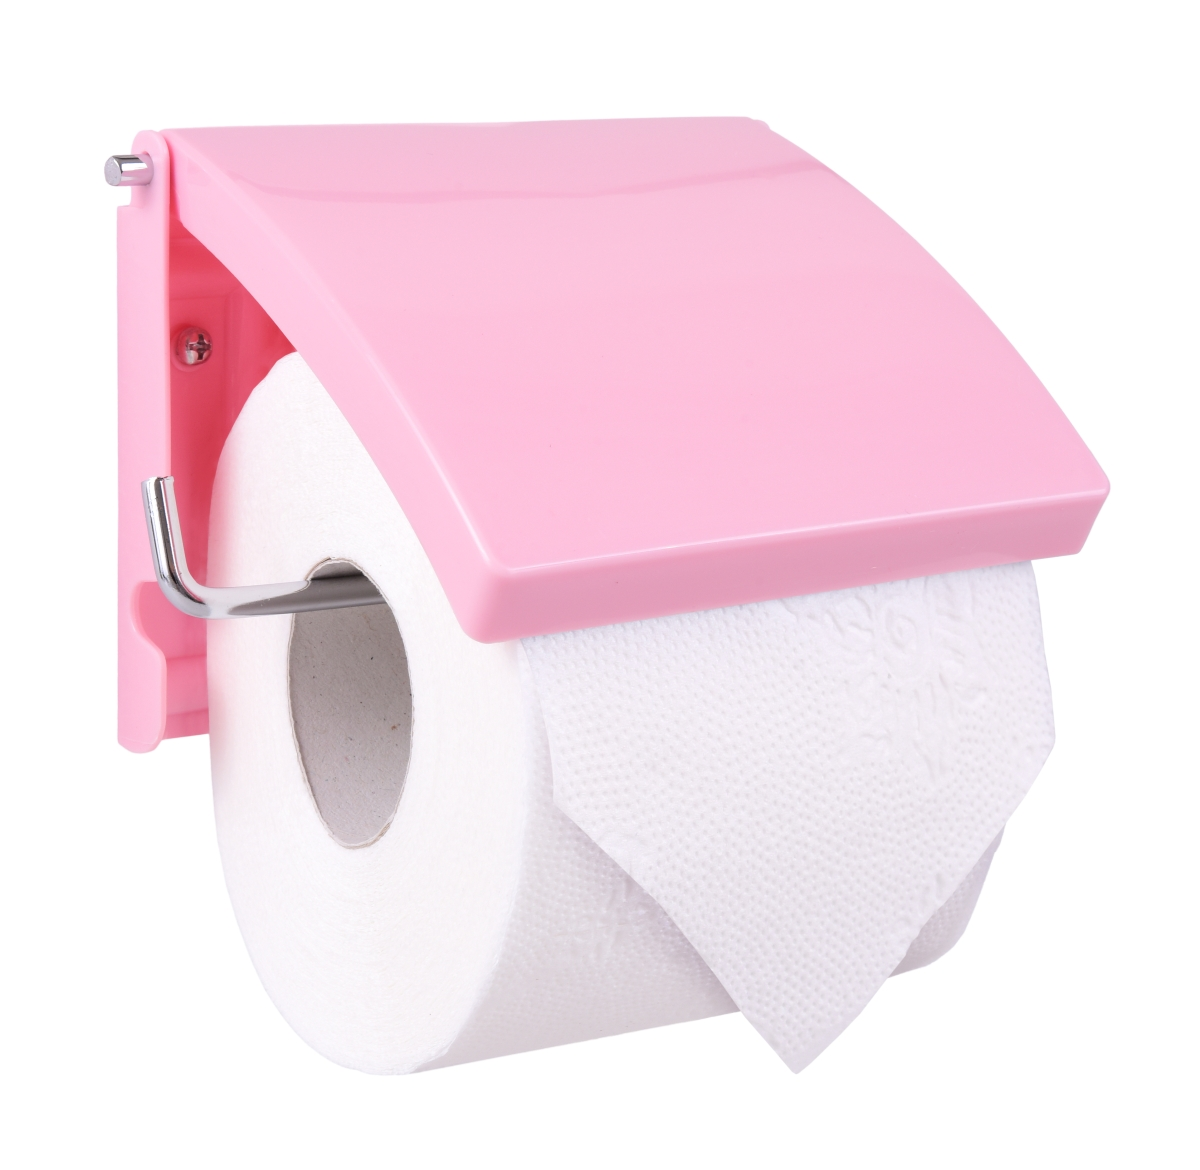 Držák toaletního papíru starorůžový